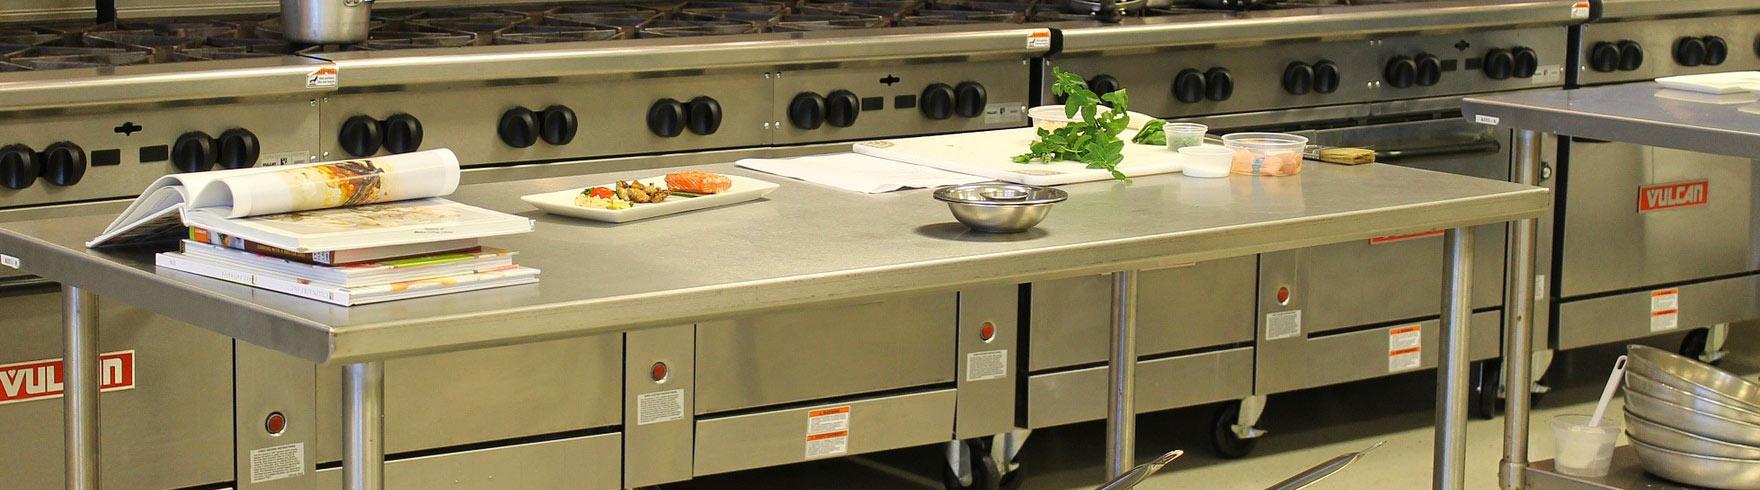 APPCC Hostelería. Seguridad Alimentaria